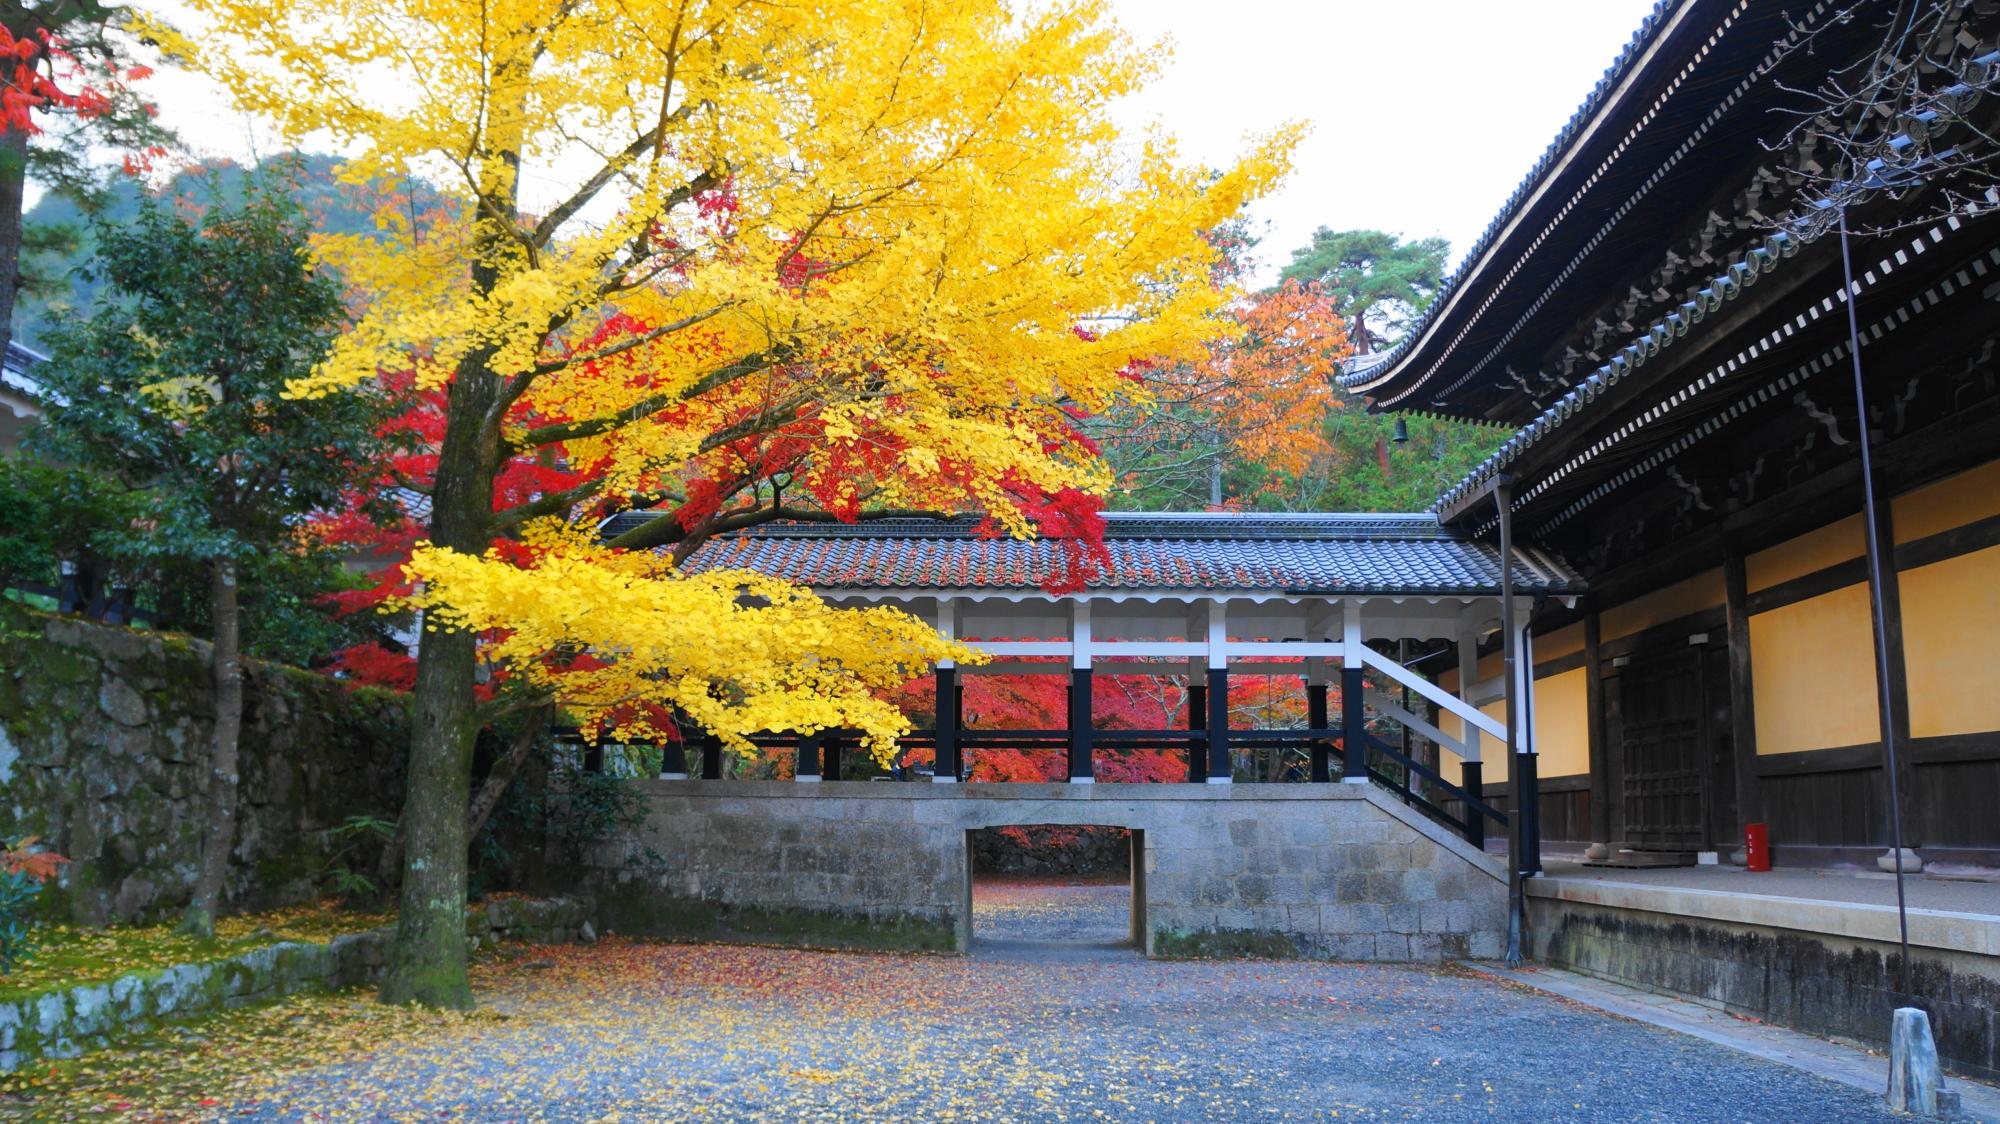 南禅寺の法堂の裏あたりの紅葉と銀杏